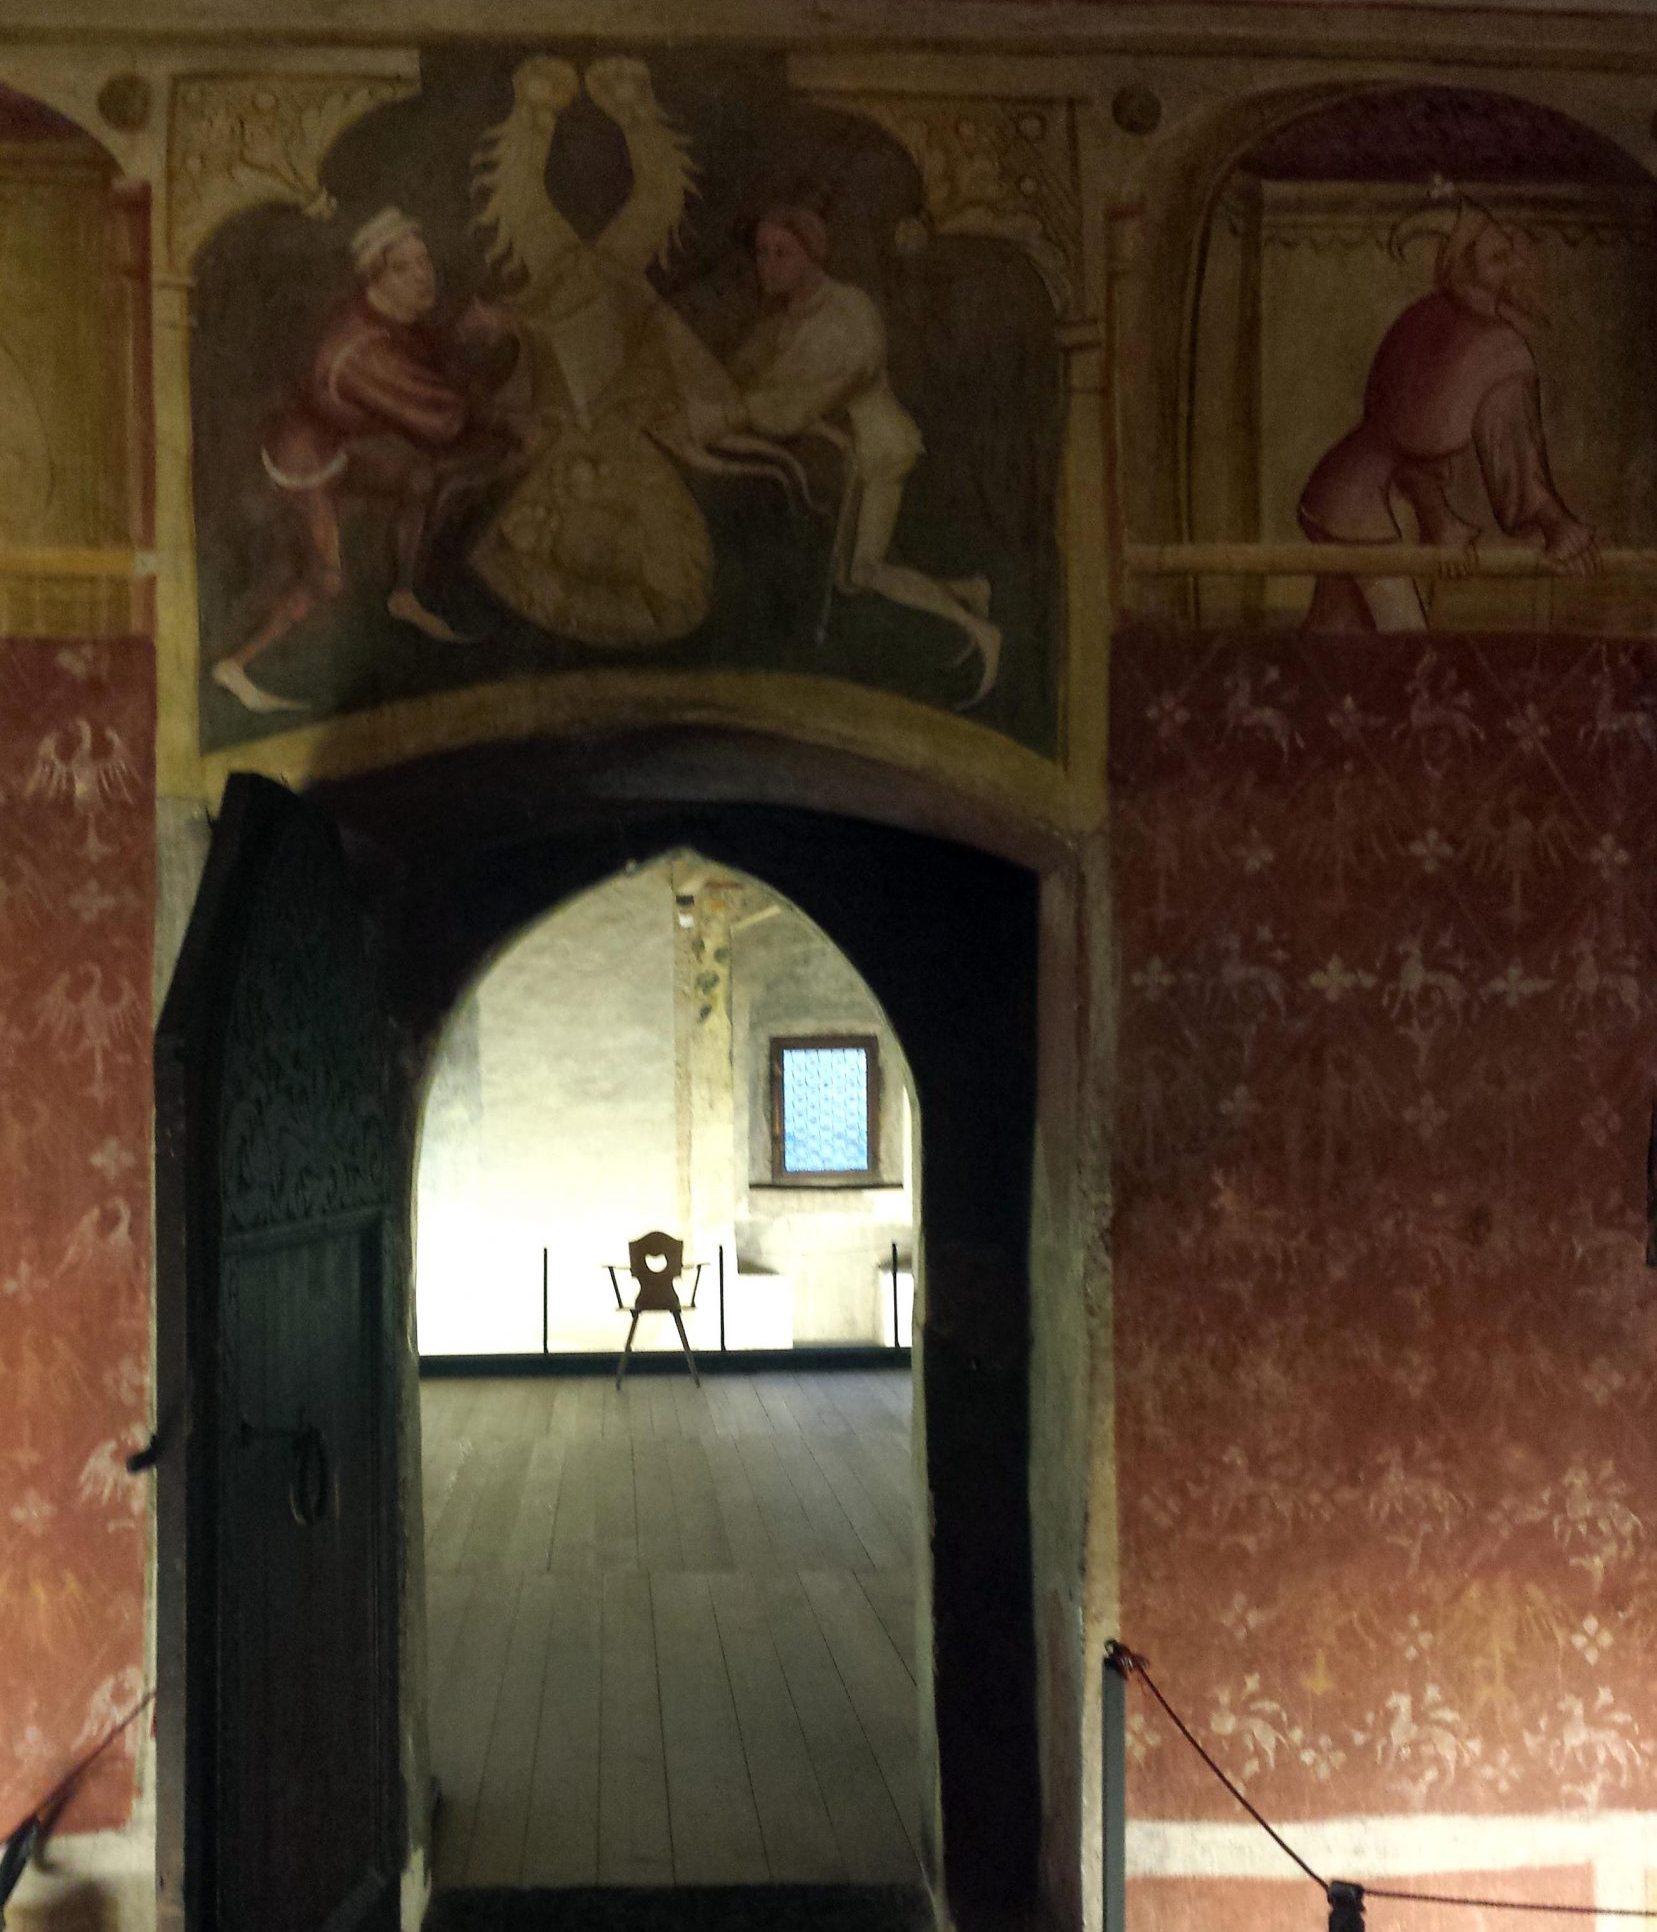 interni di castel roncolo di bolzano con affreschi